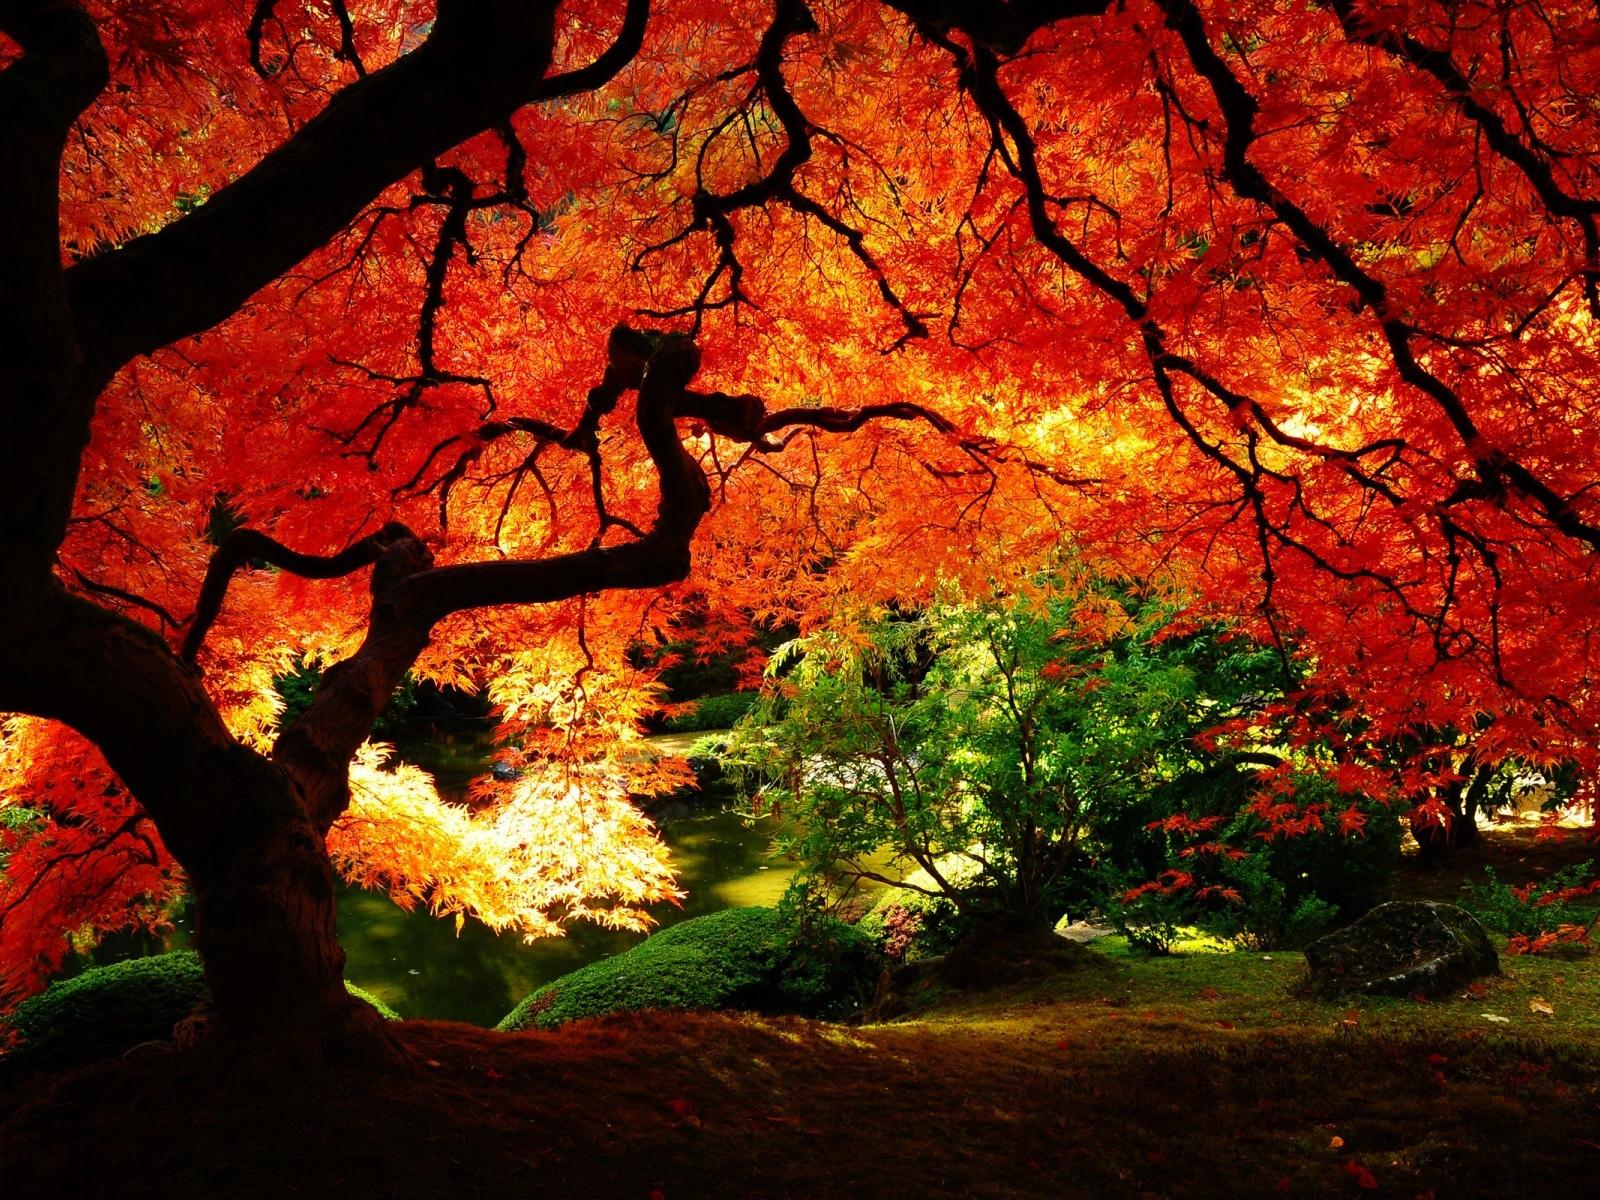 tree leaves wallpaper,tree,natural landscape,nature,red,leaf